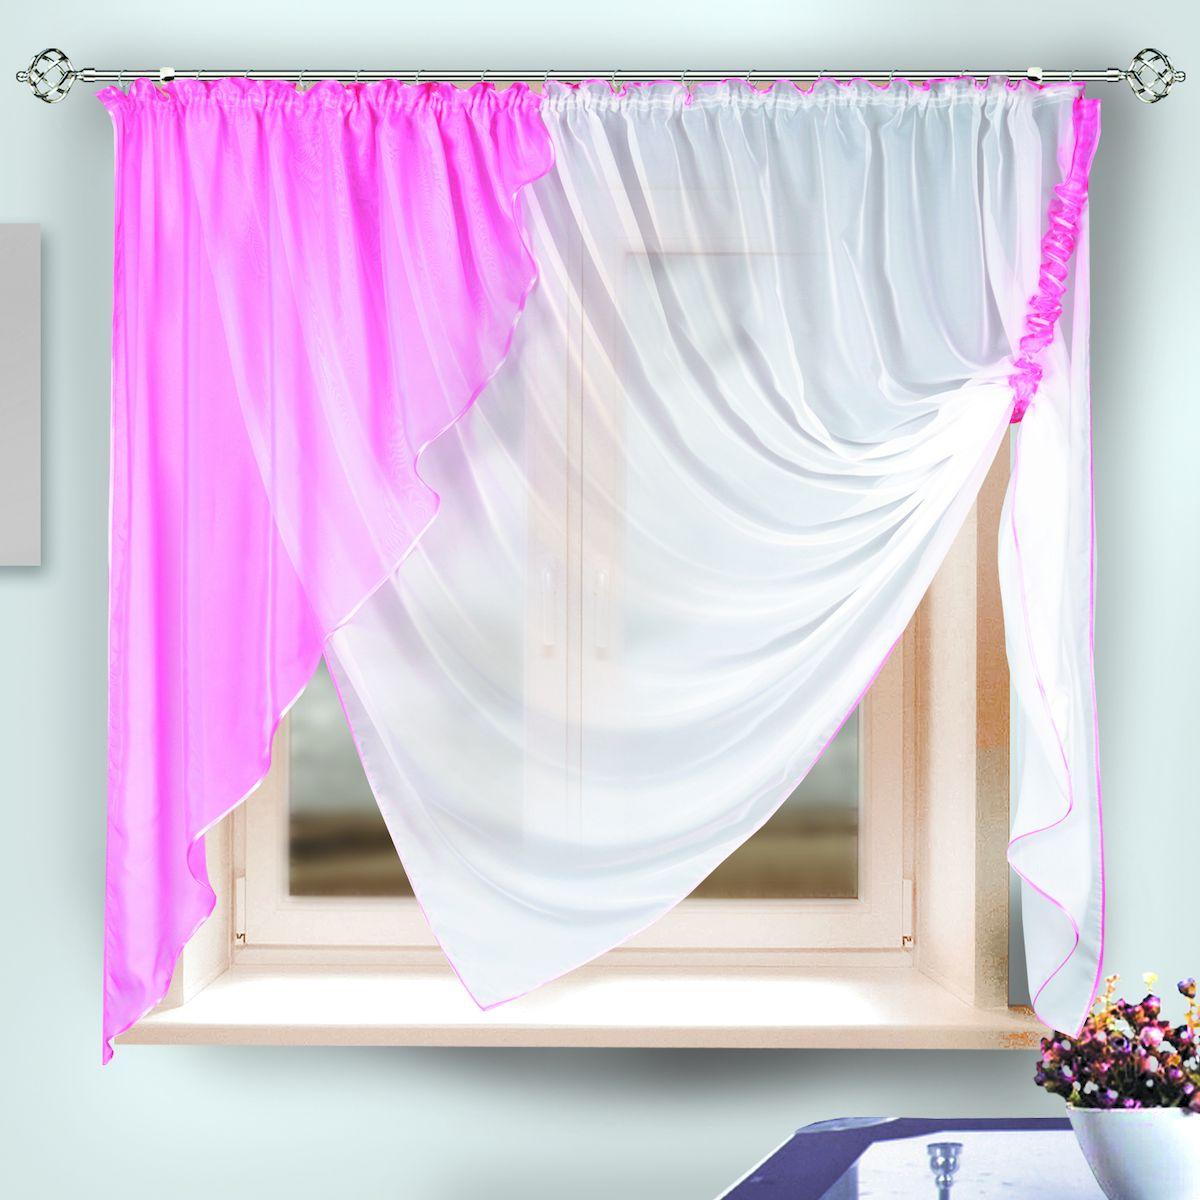 Комплект штор для кухни Zlata Korunka, на ленте, цвет: розовый, высота 170 см. 33332 zlata korunka женские платки носовые 3 шт